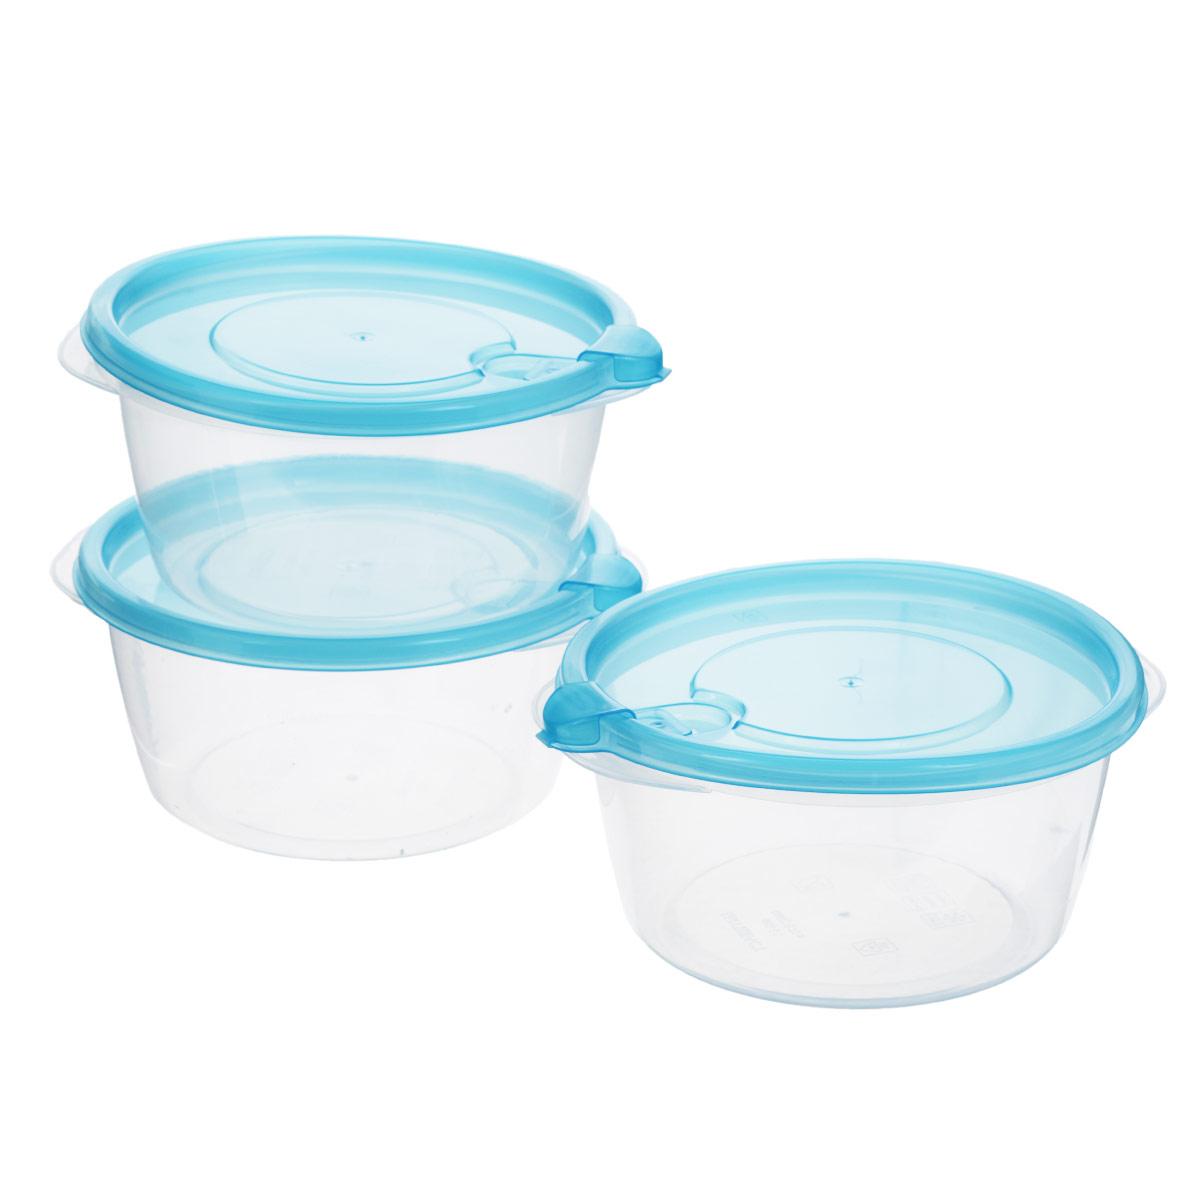 Комплект контейнеров для хранения продуктов Бытпласт Фрэш, 0,75 л, 3 шт. С11522С11522Контейнеры Бытпласт Фрэш предназначены для хранения пищевых продуктов и не только. Они выполнен из высококачественного полипропилена и не содержат Бисфенол А. Крышка легко и плотно закрывается. Контейнер устойчив к воздействию масел и жиров, легко моется. Подходит для использования в микроволновых печах, выдерживает хранение в морозильной камере при температуре -24 градуса.Пищевые контейнеры необыкновенно удобны: в них можно брать еду на работу, за город, ребенку в школу. Именно поэтому они обретают все большую популярность.